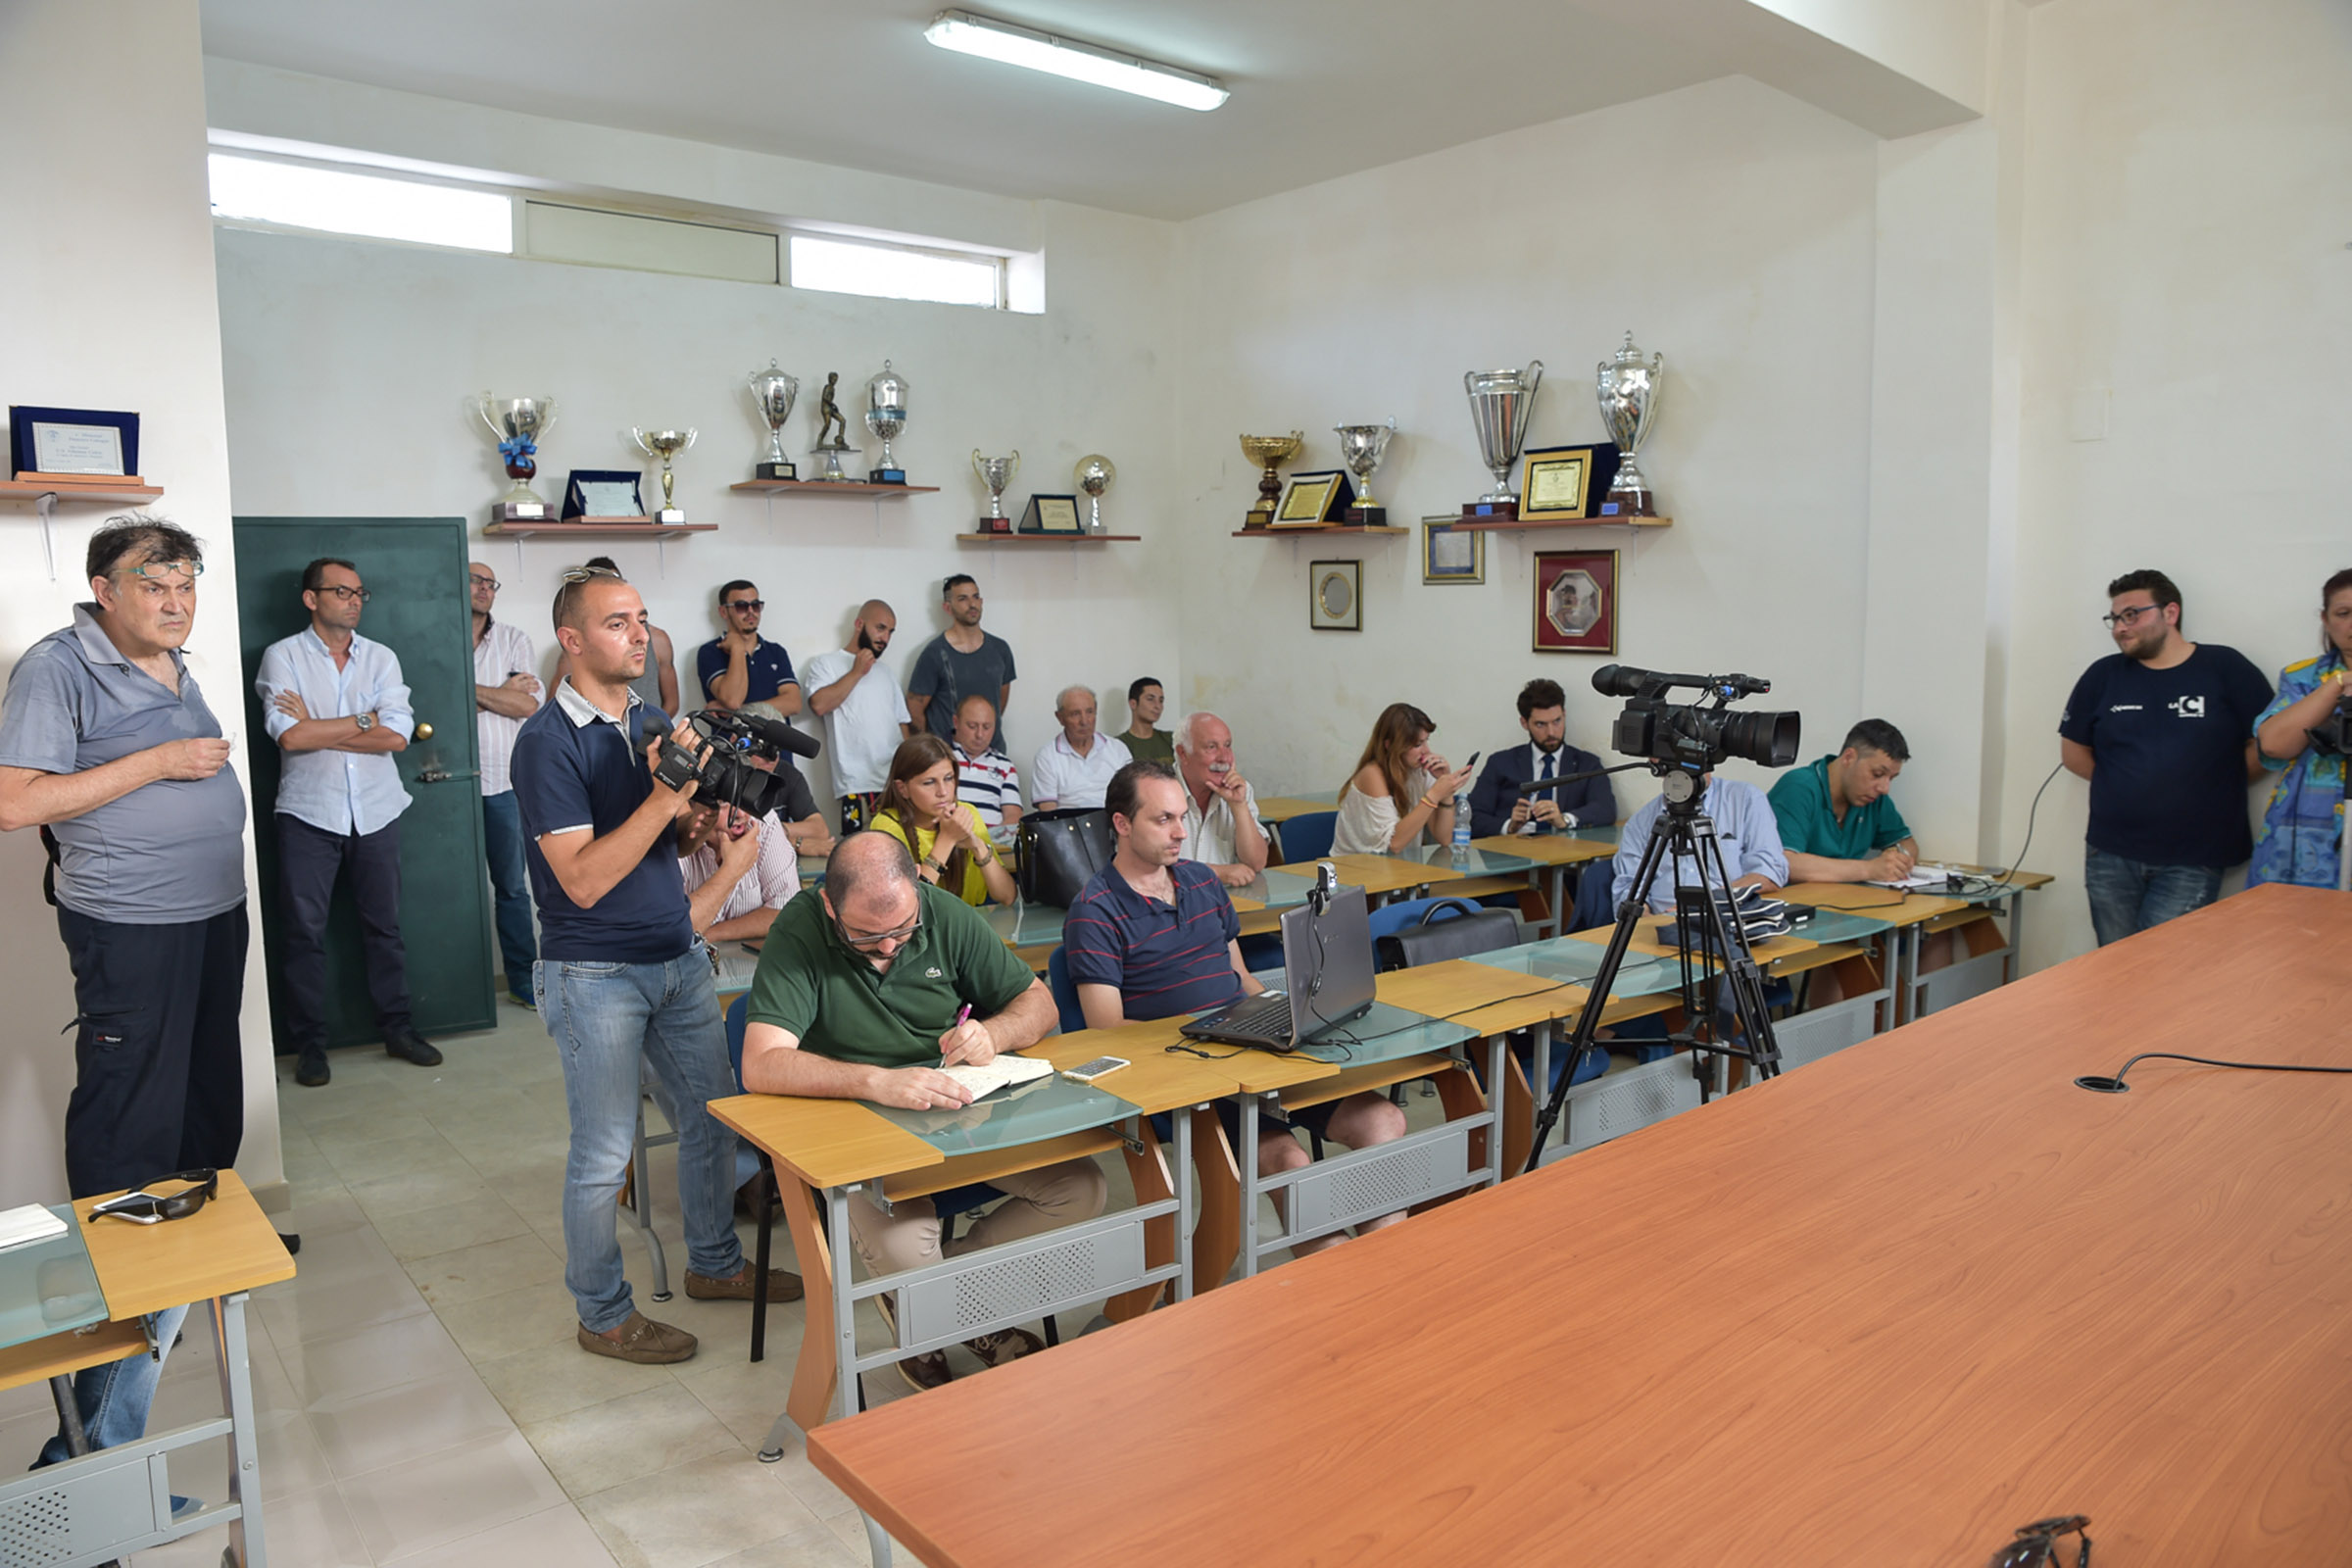 FOTO - Vibonese, la presentazione del tecnico Costantino